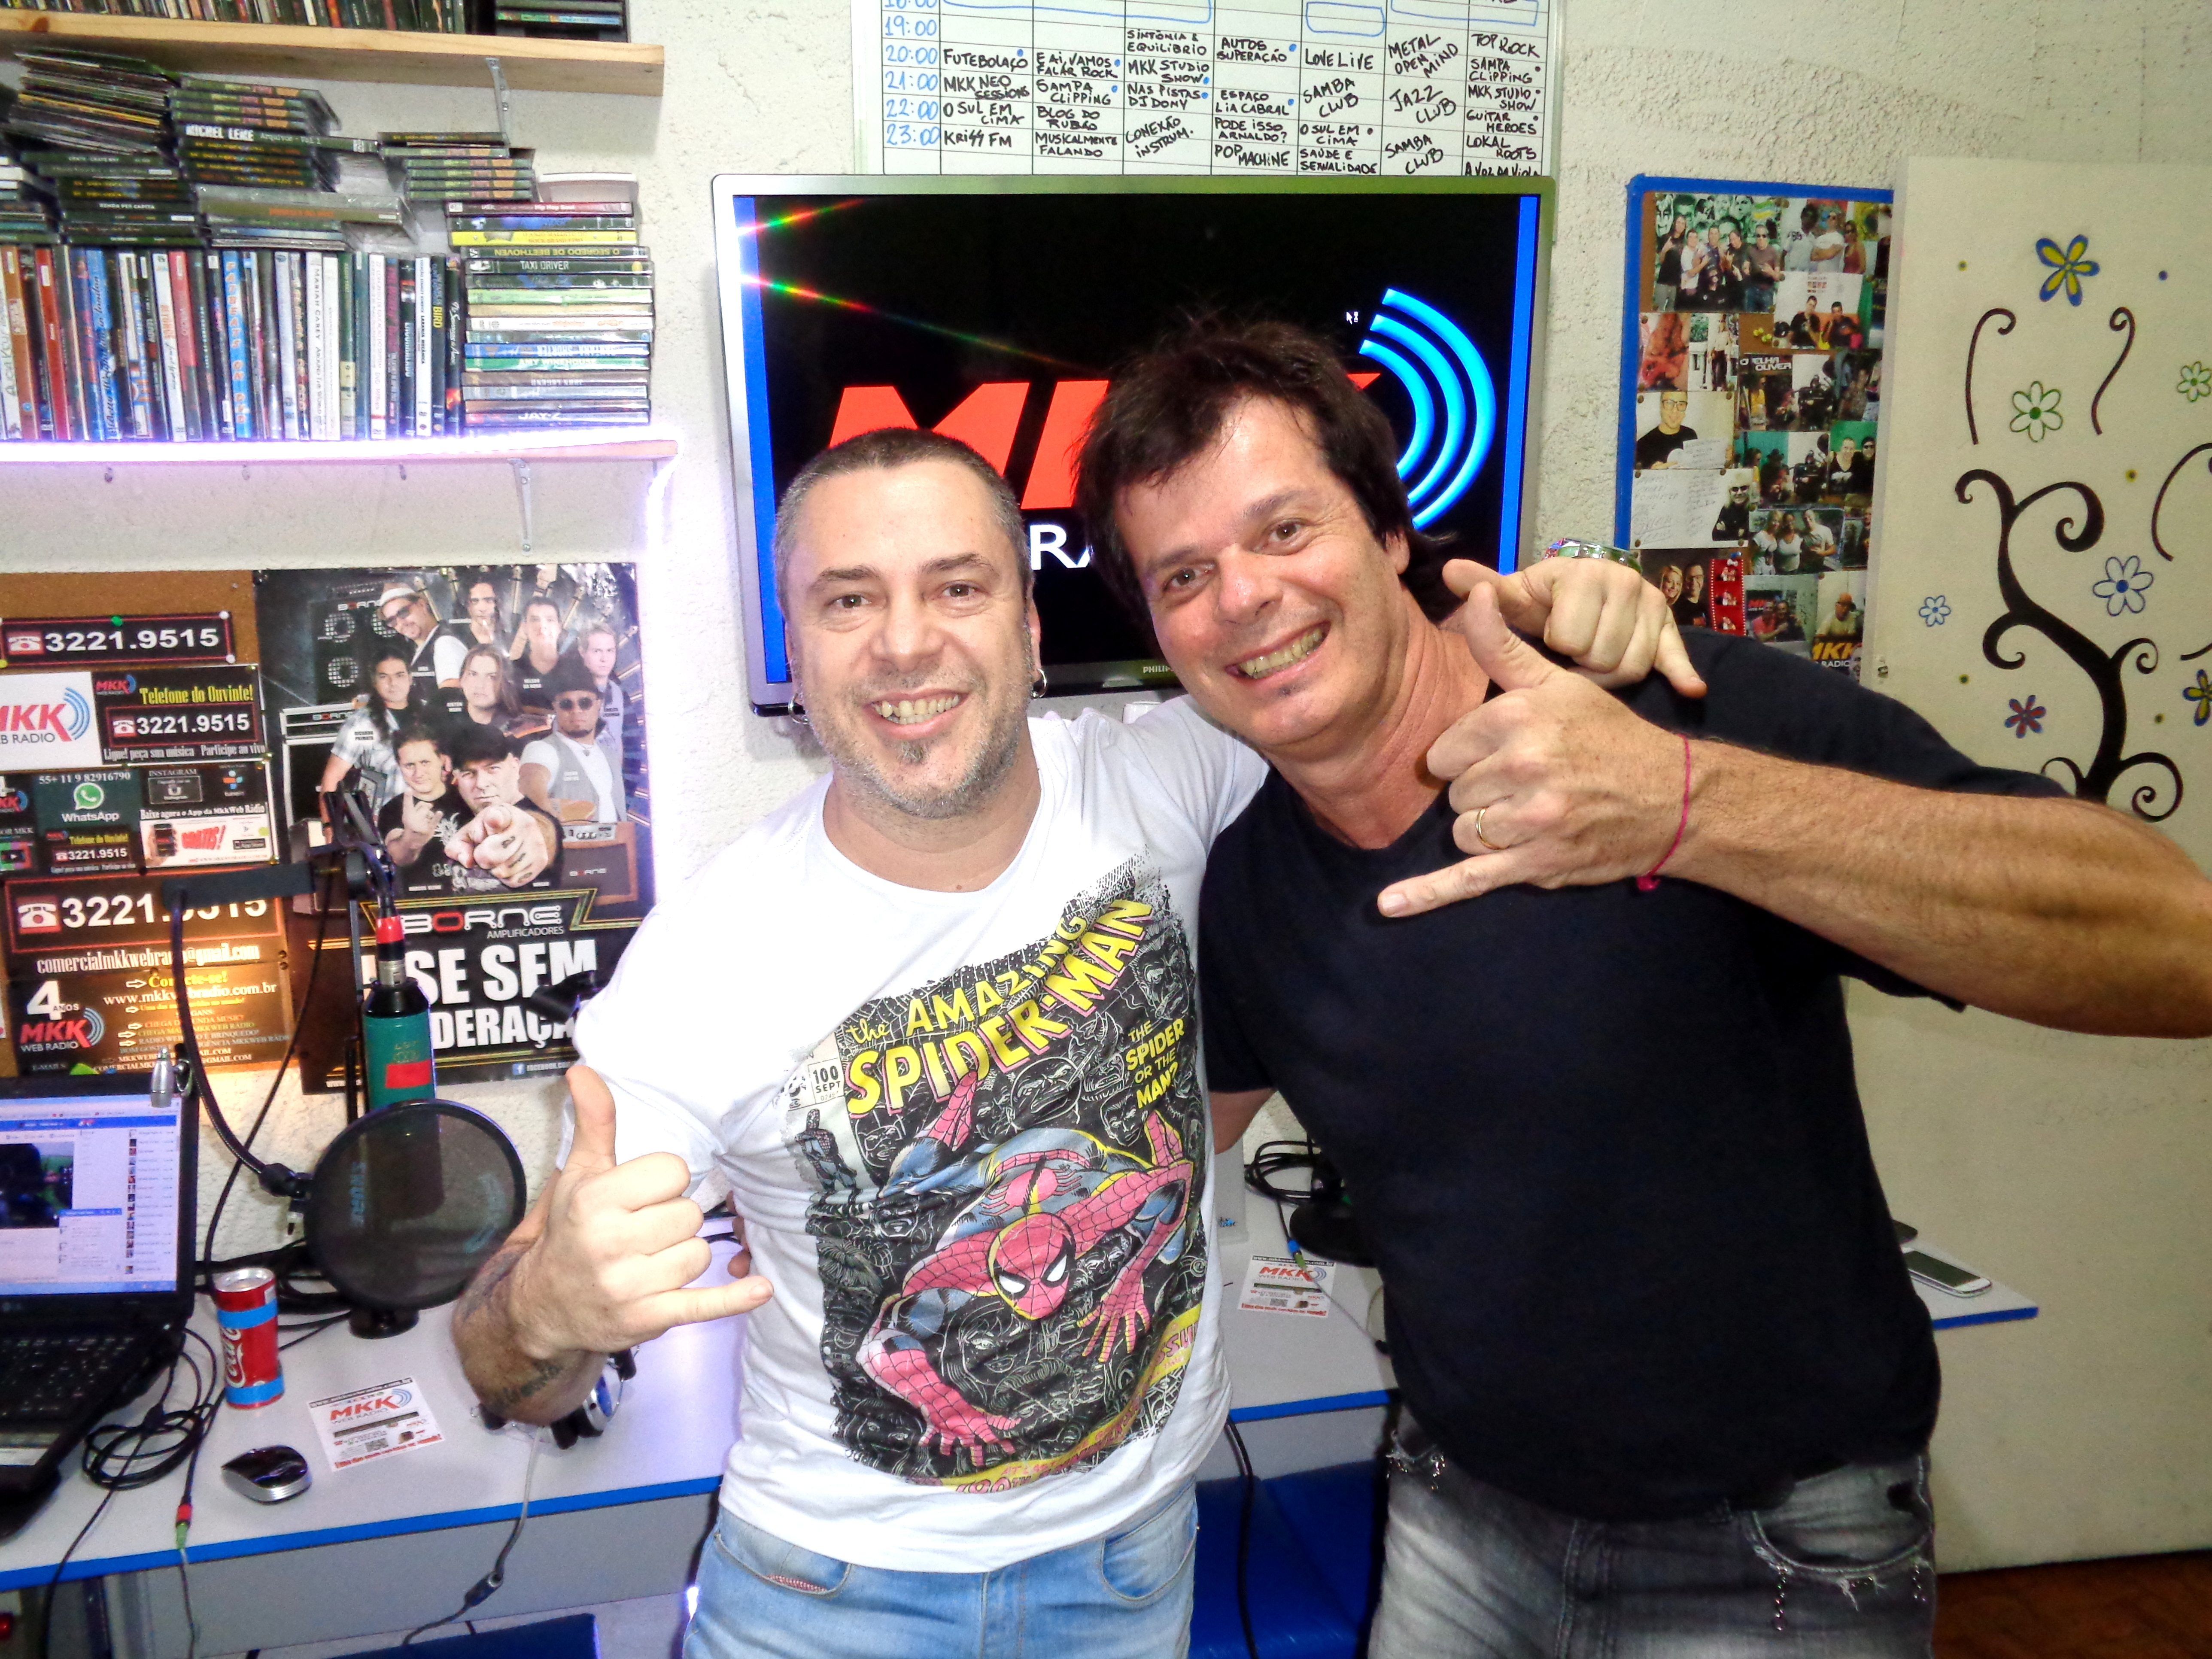 Markko Mendes e Fernando Deluqui